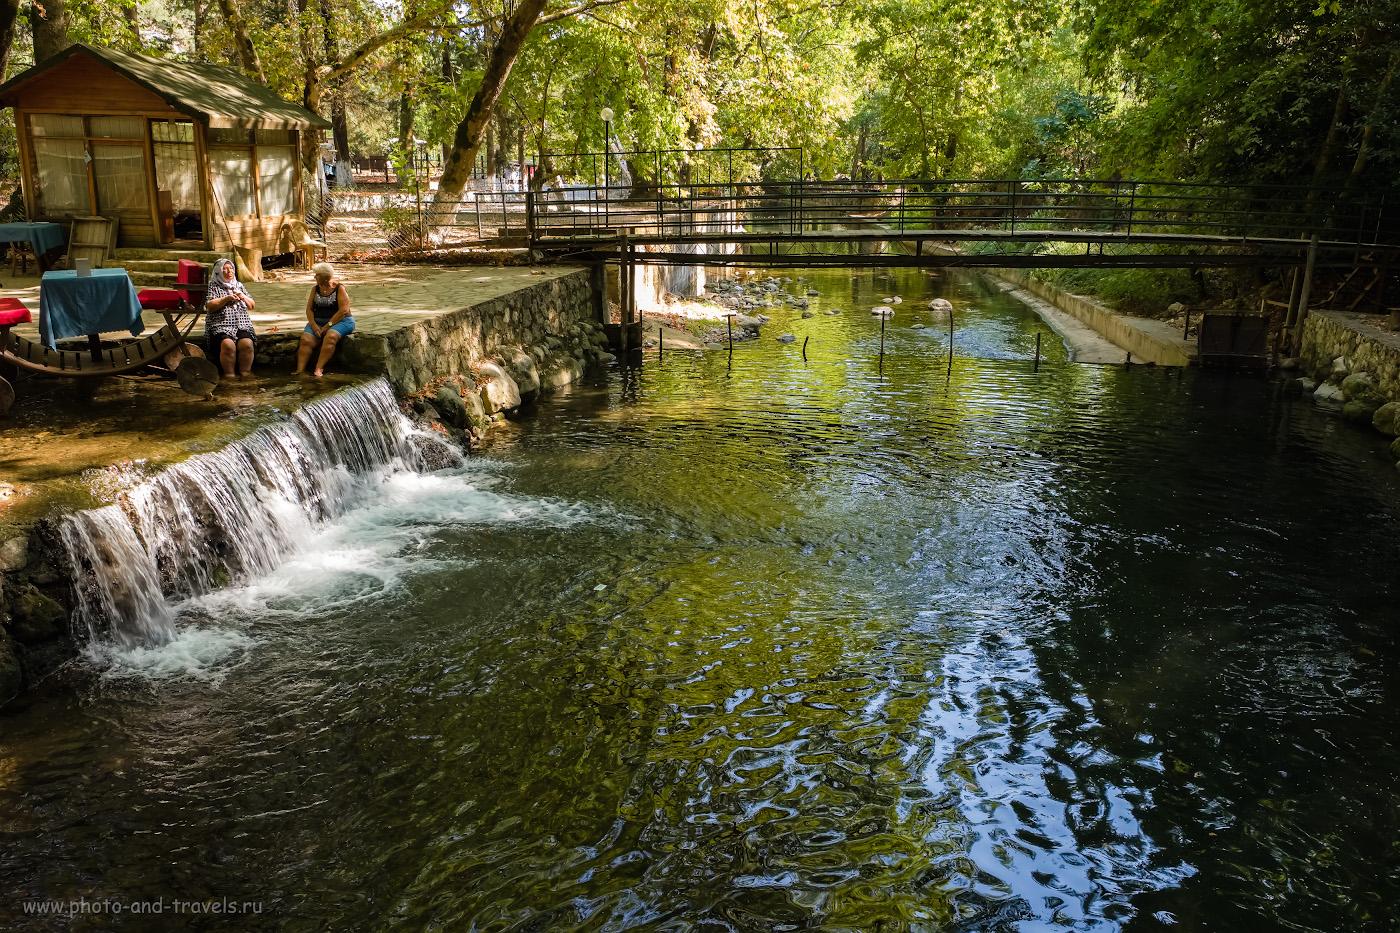 5. Ресторан «Tropik Restoran» - место в окрестностях Кемера, где можно отдохнуть в сени деревьев, наслаждаясь прохладой горной реки. Отзывы о самостоятельном отдыхе в Турции с маленьким ребёнком. 1/80, 8.0, 800, 18.